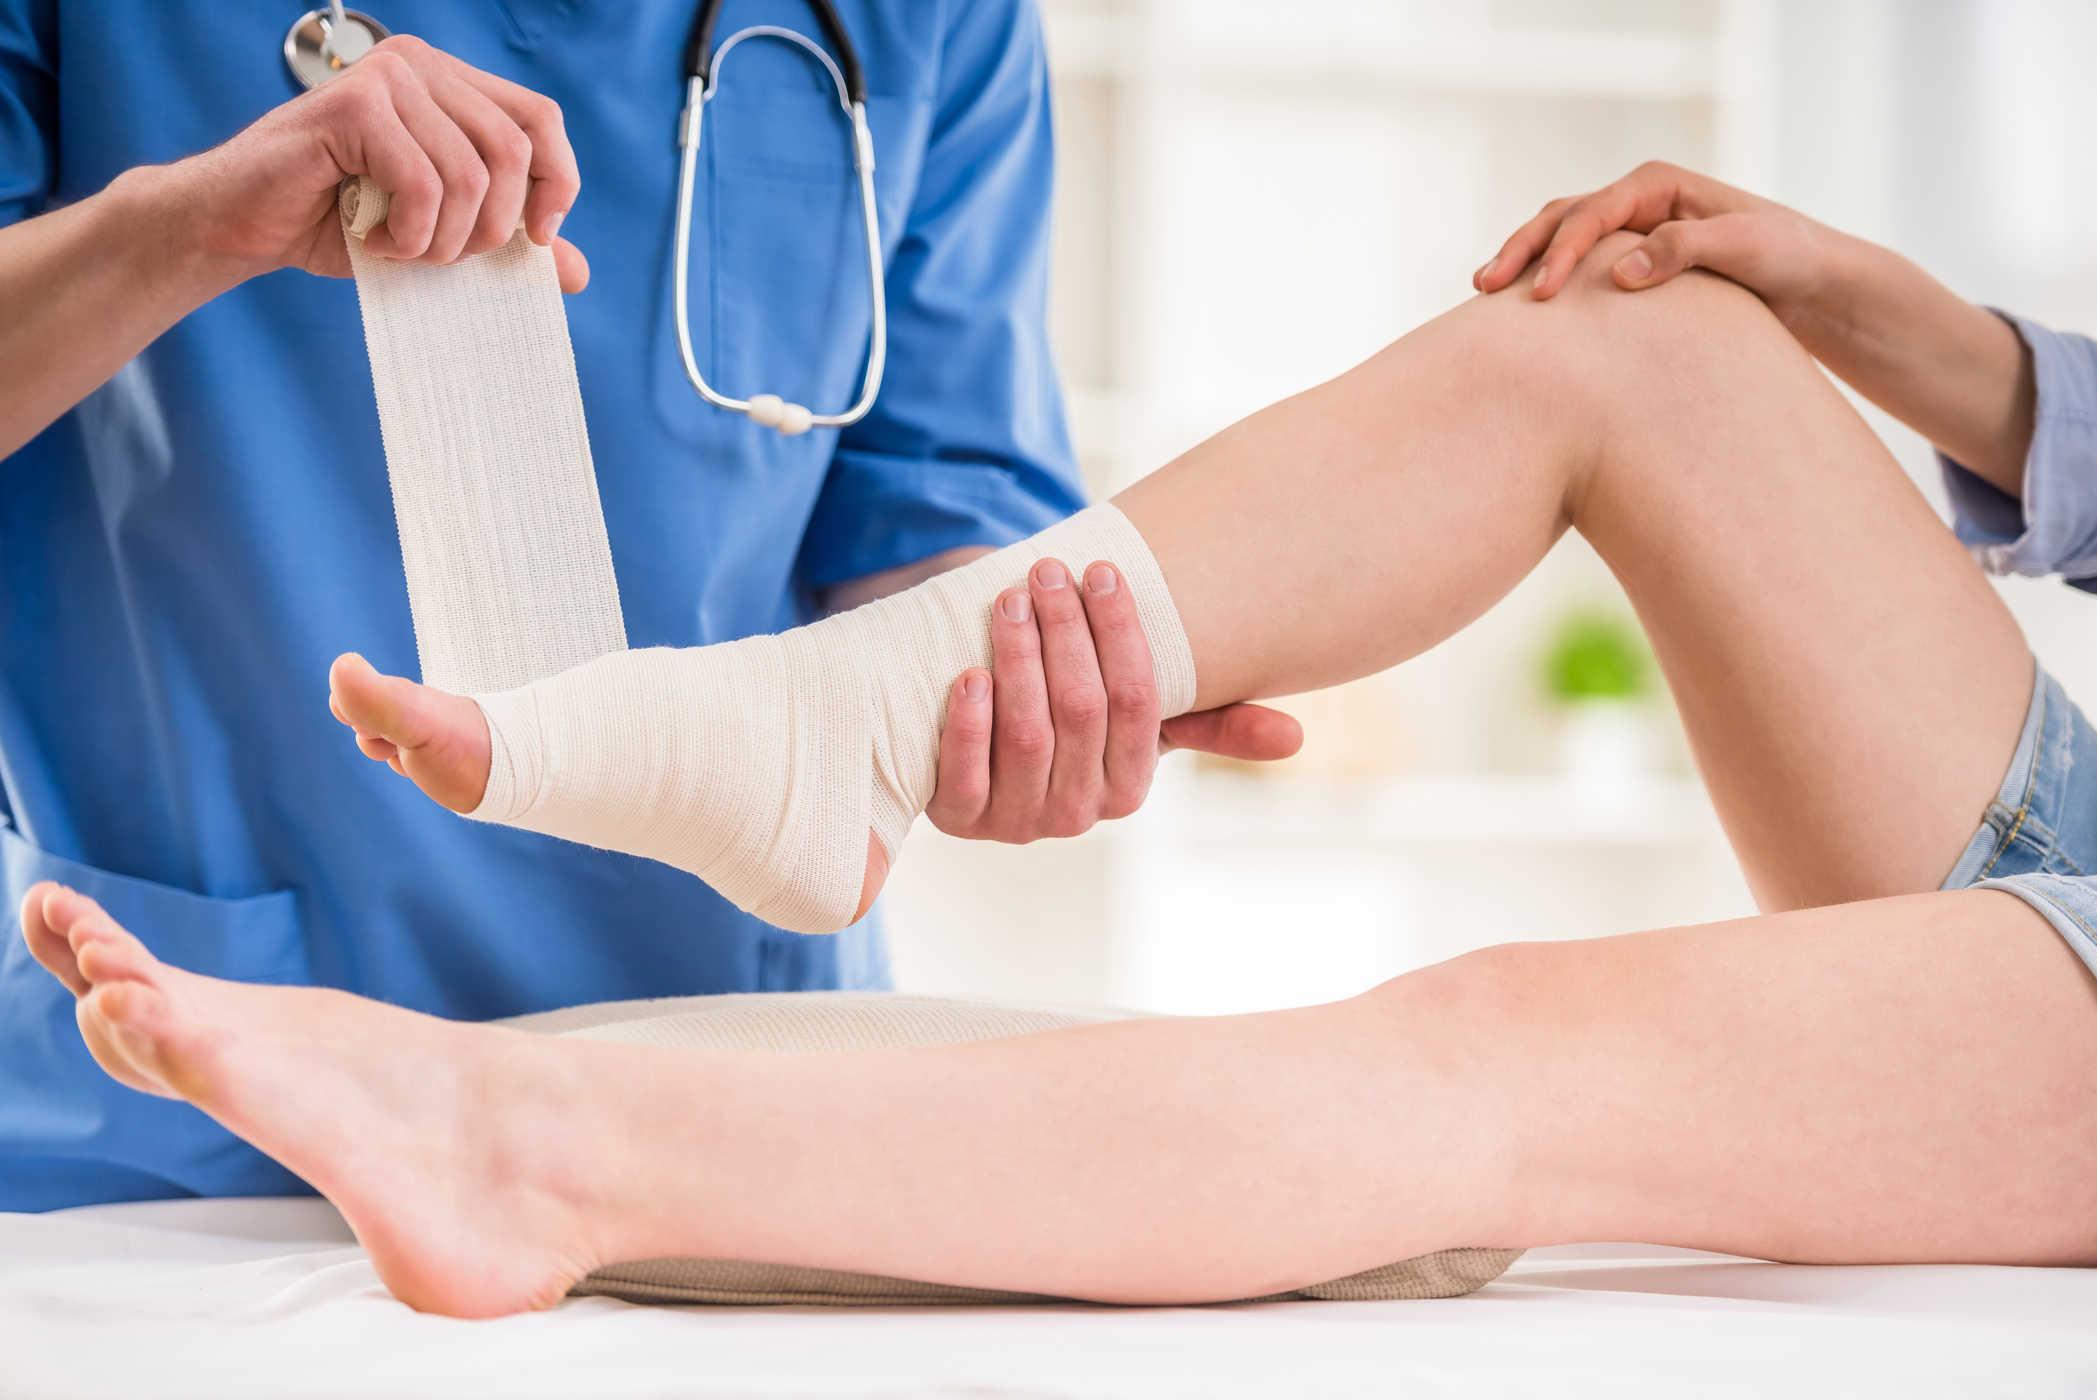 Chẩn đoán xác định và nguyên nhân gây sốc chấn thương